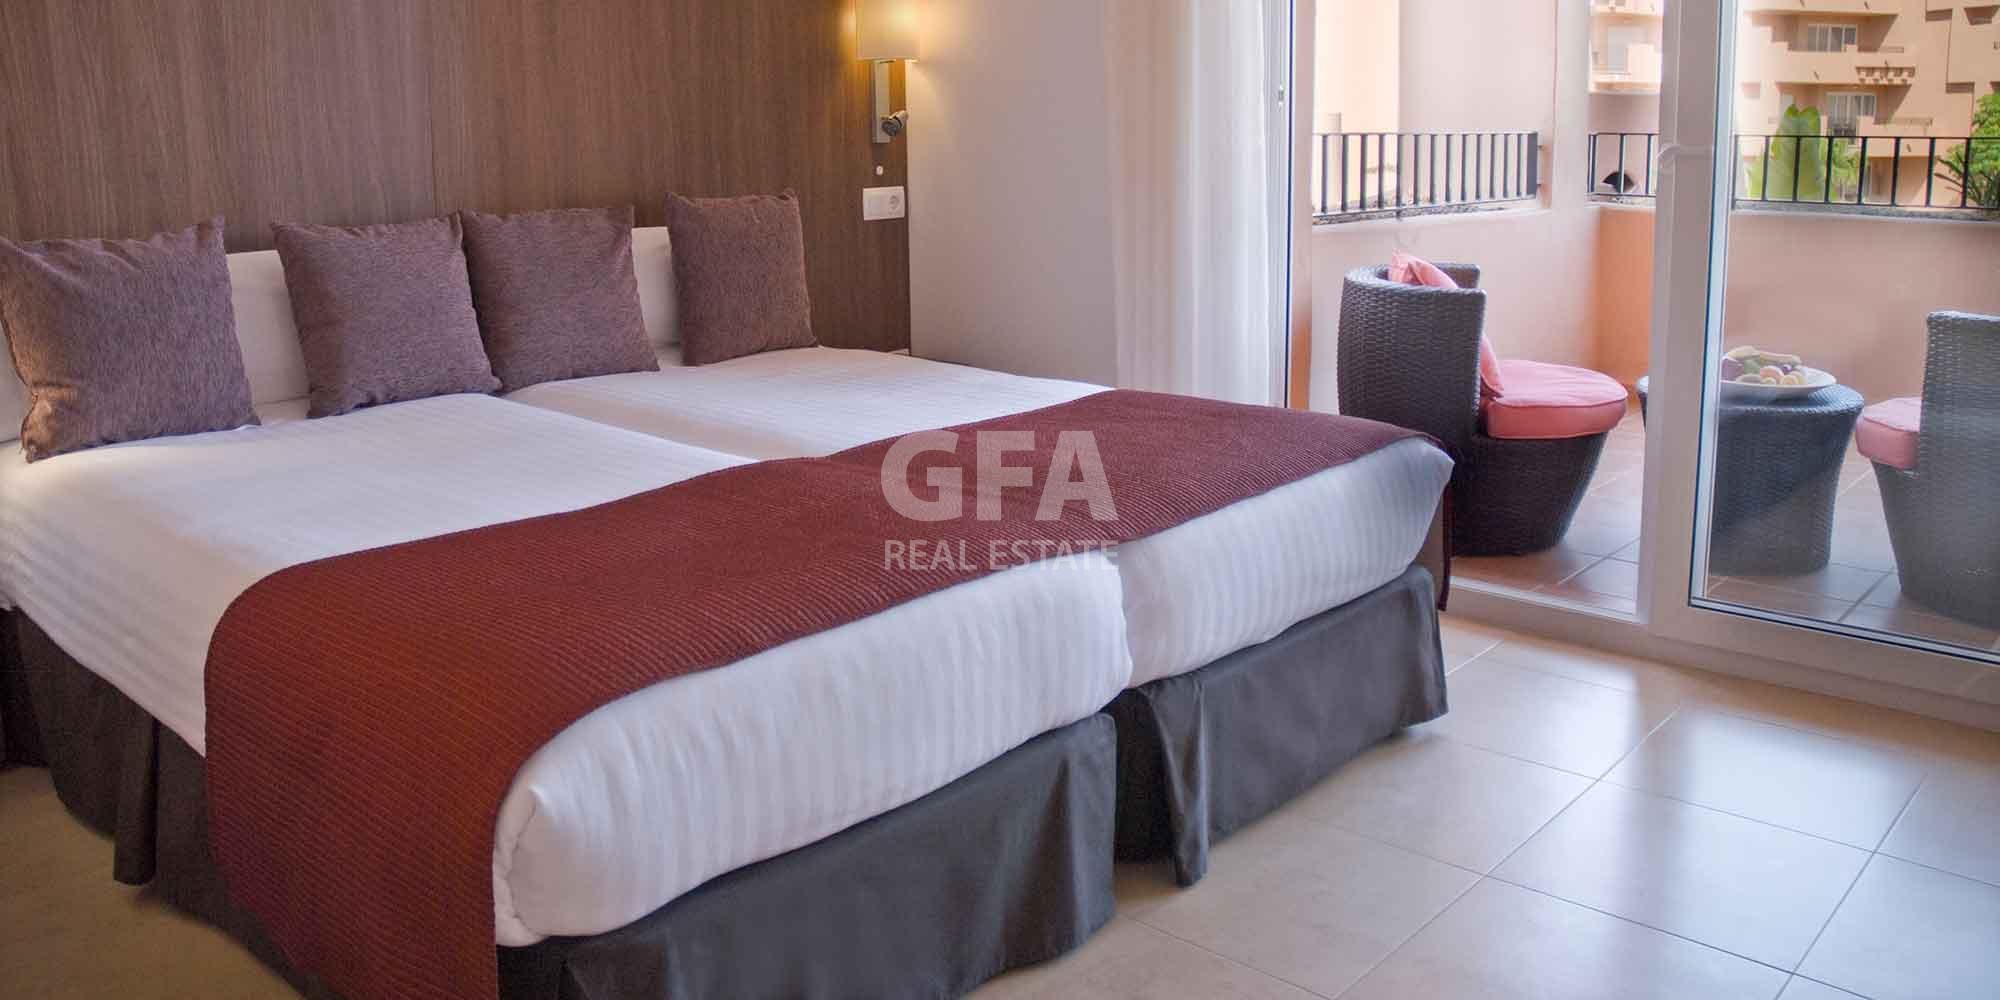 Residencial obra nueva Mar Menor Golf Resort habitación de matrimonio